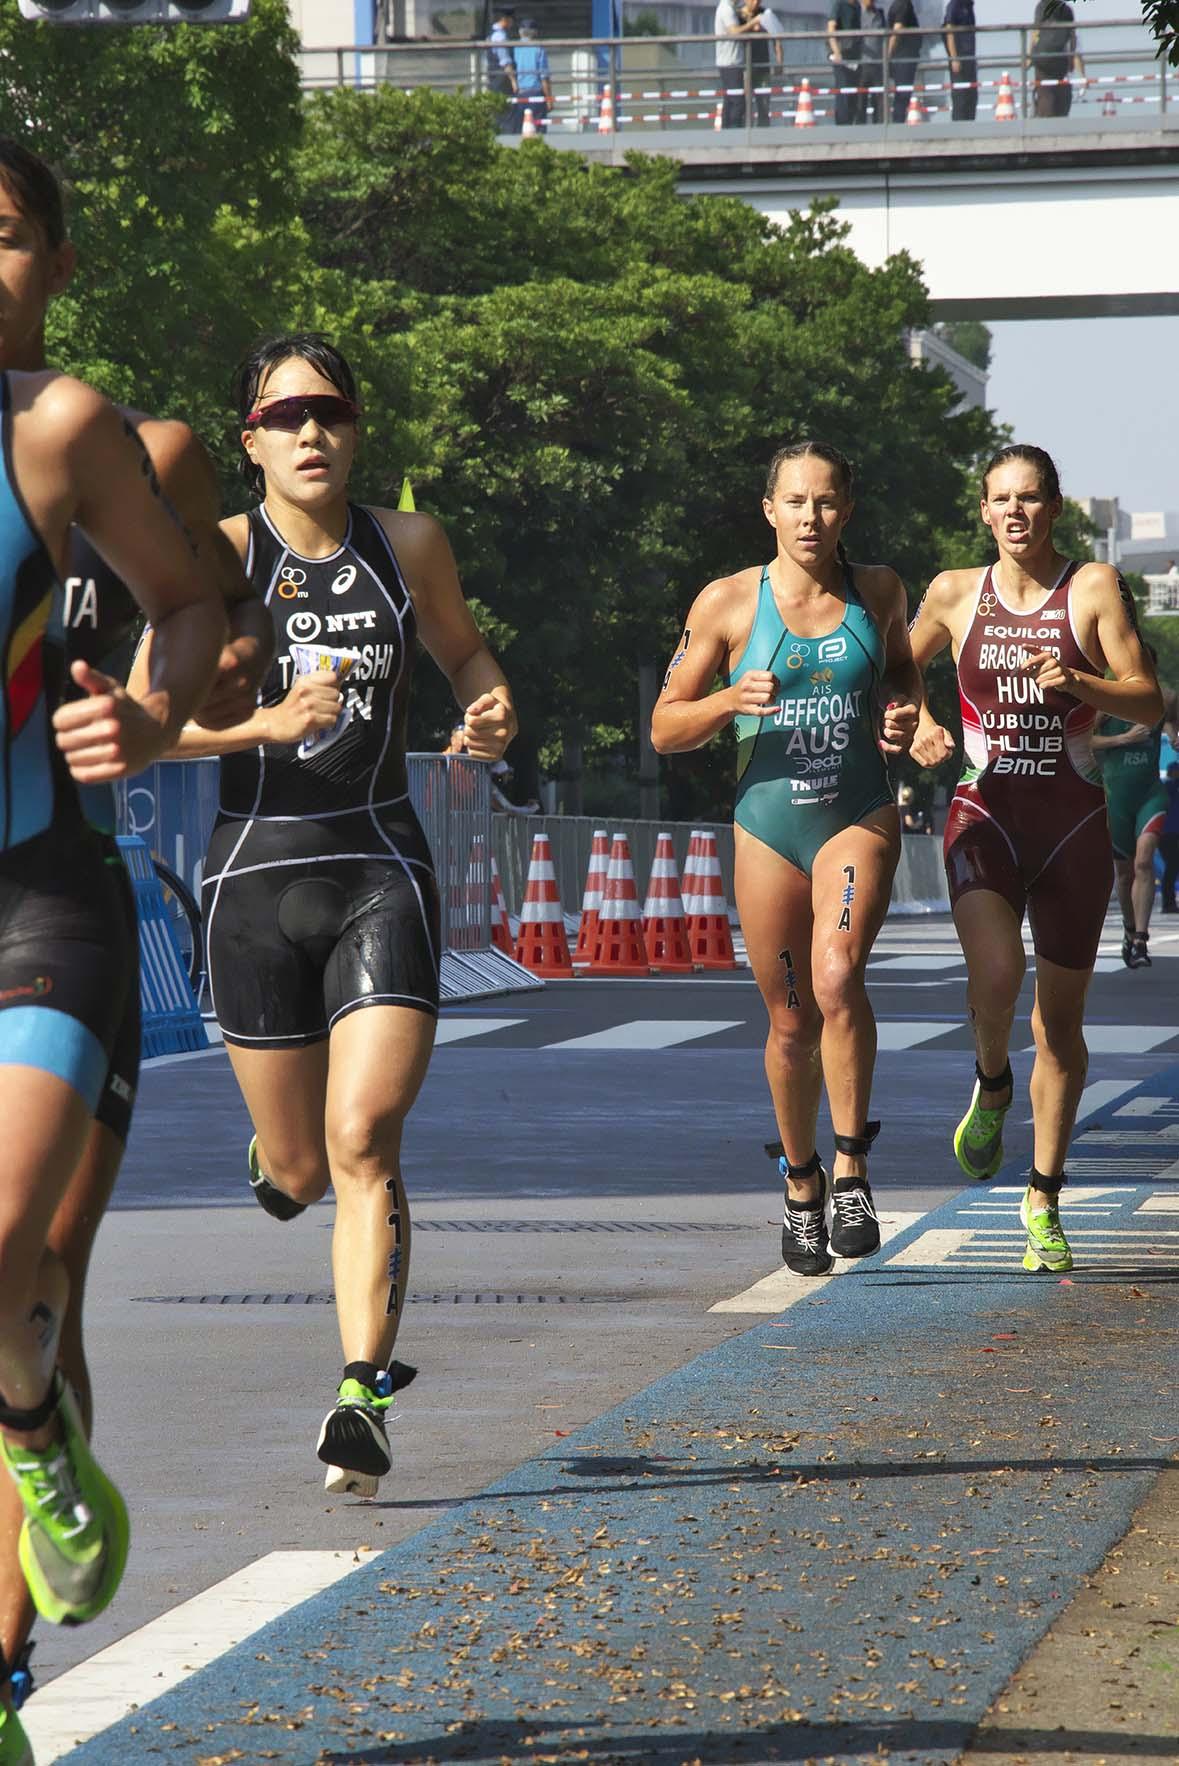 商業施設が立ち並ぶ台場地区や海沿いを走り10km。ほかに新種目の男女ミックスリレーやパラリンピックトライアスロンも。